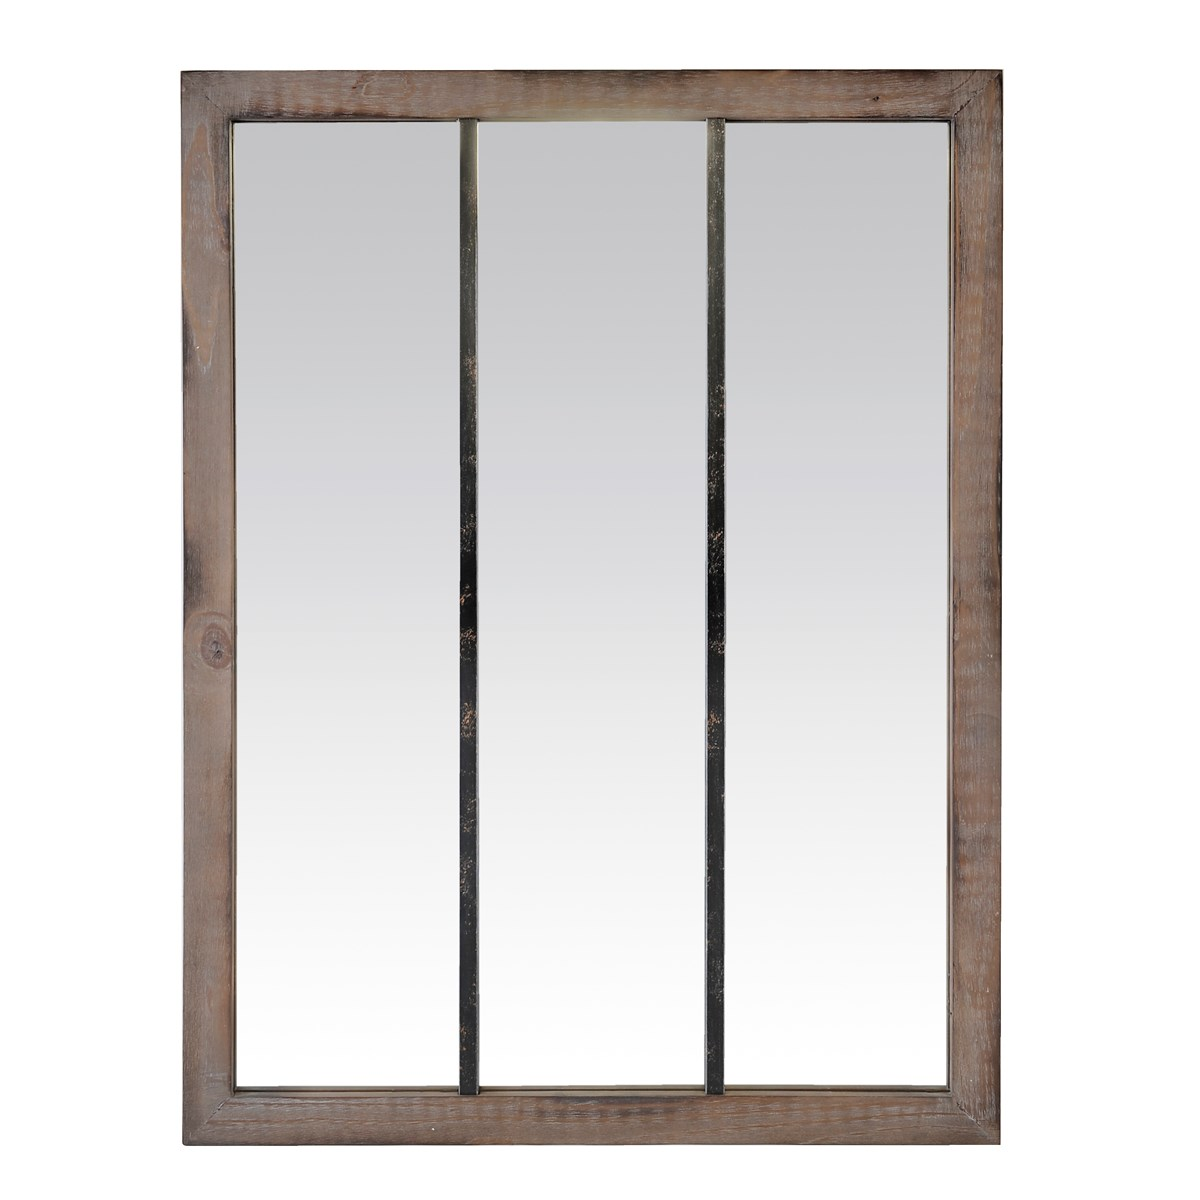 Miroir 3 bandes en bois marron foncé et métal 85x113